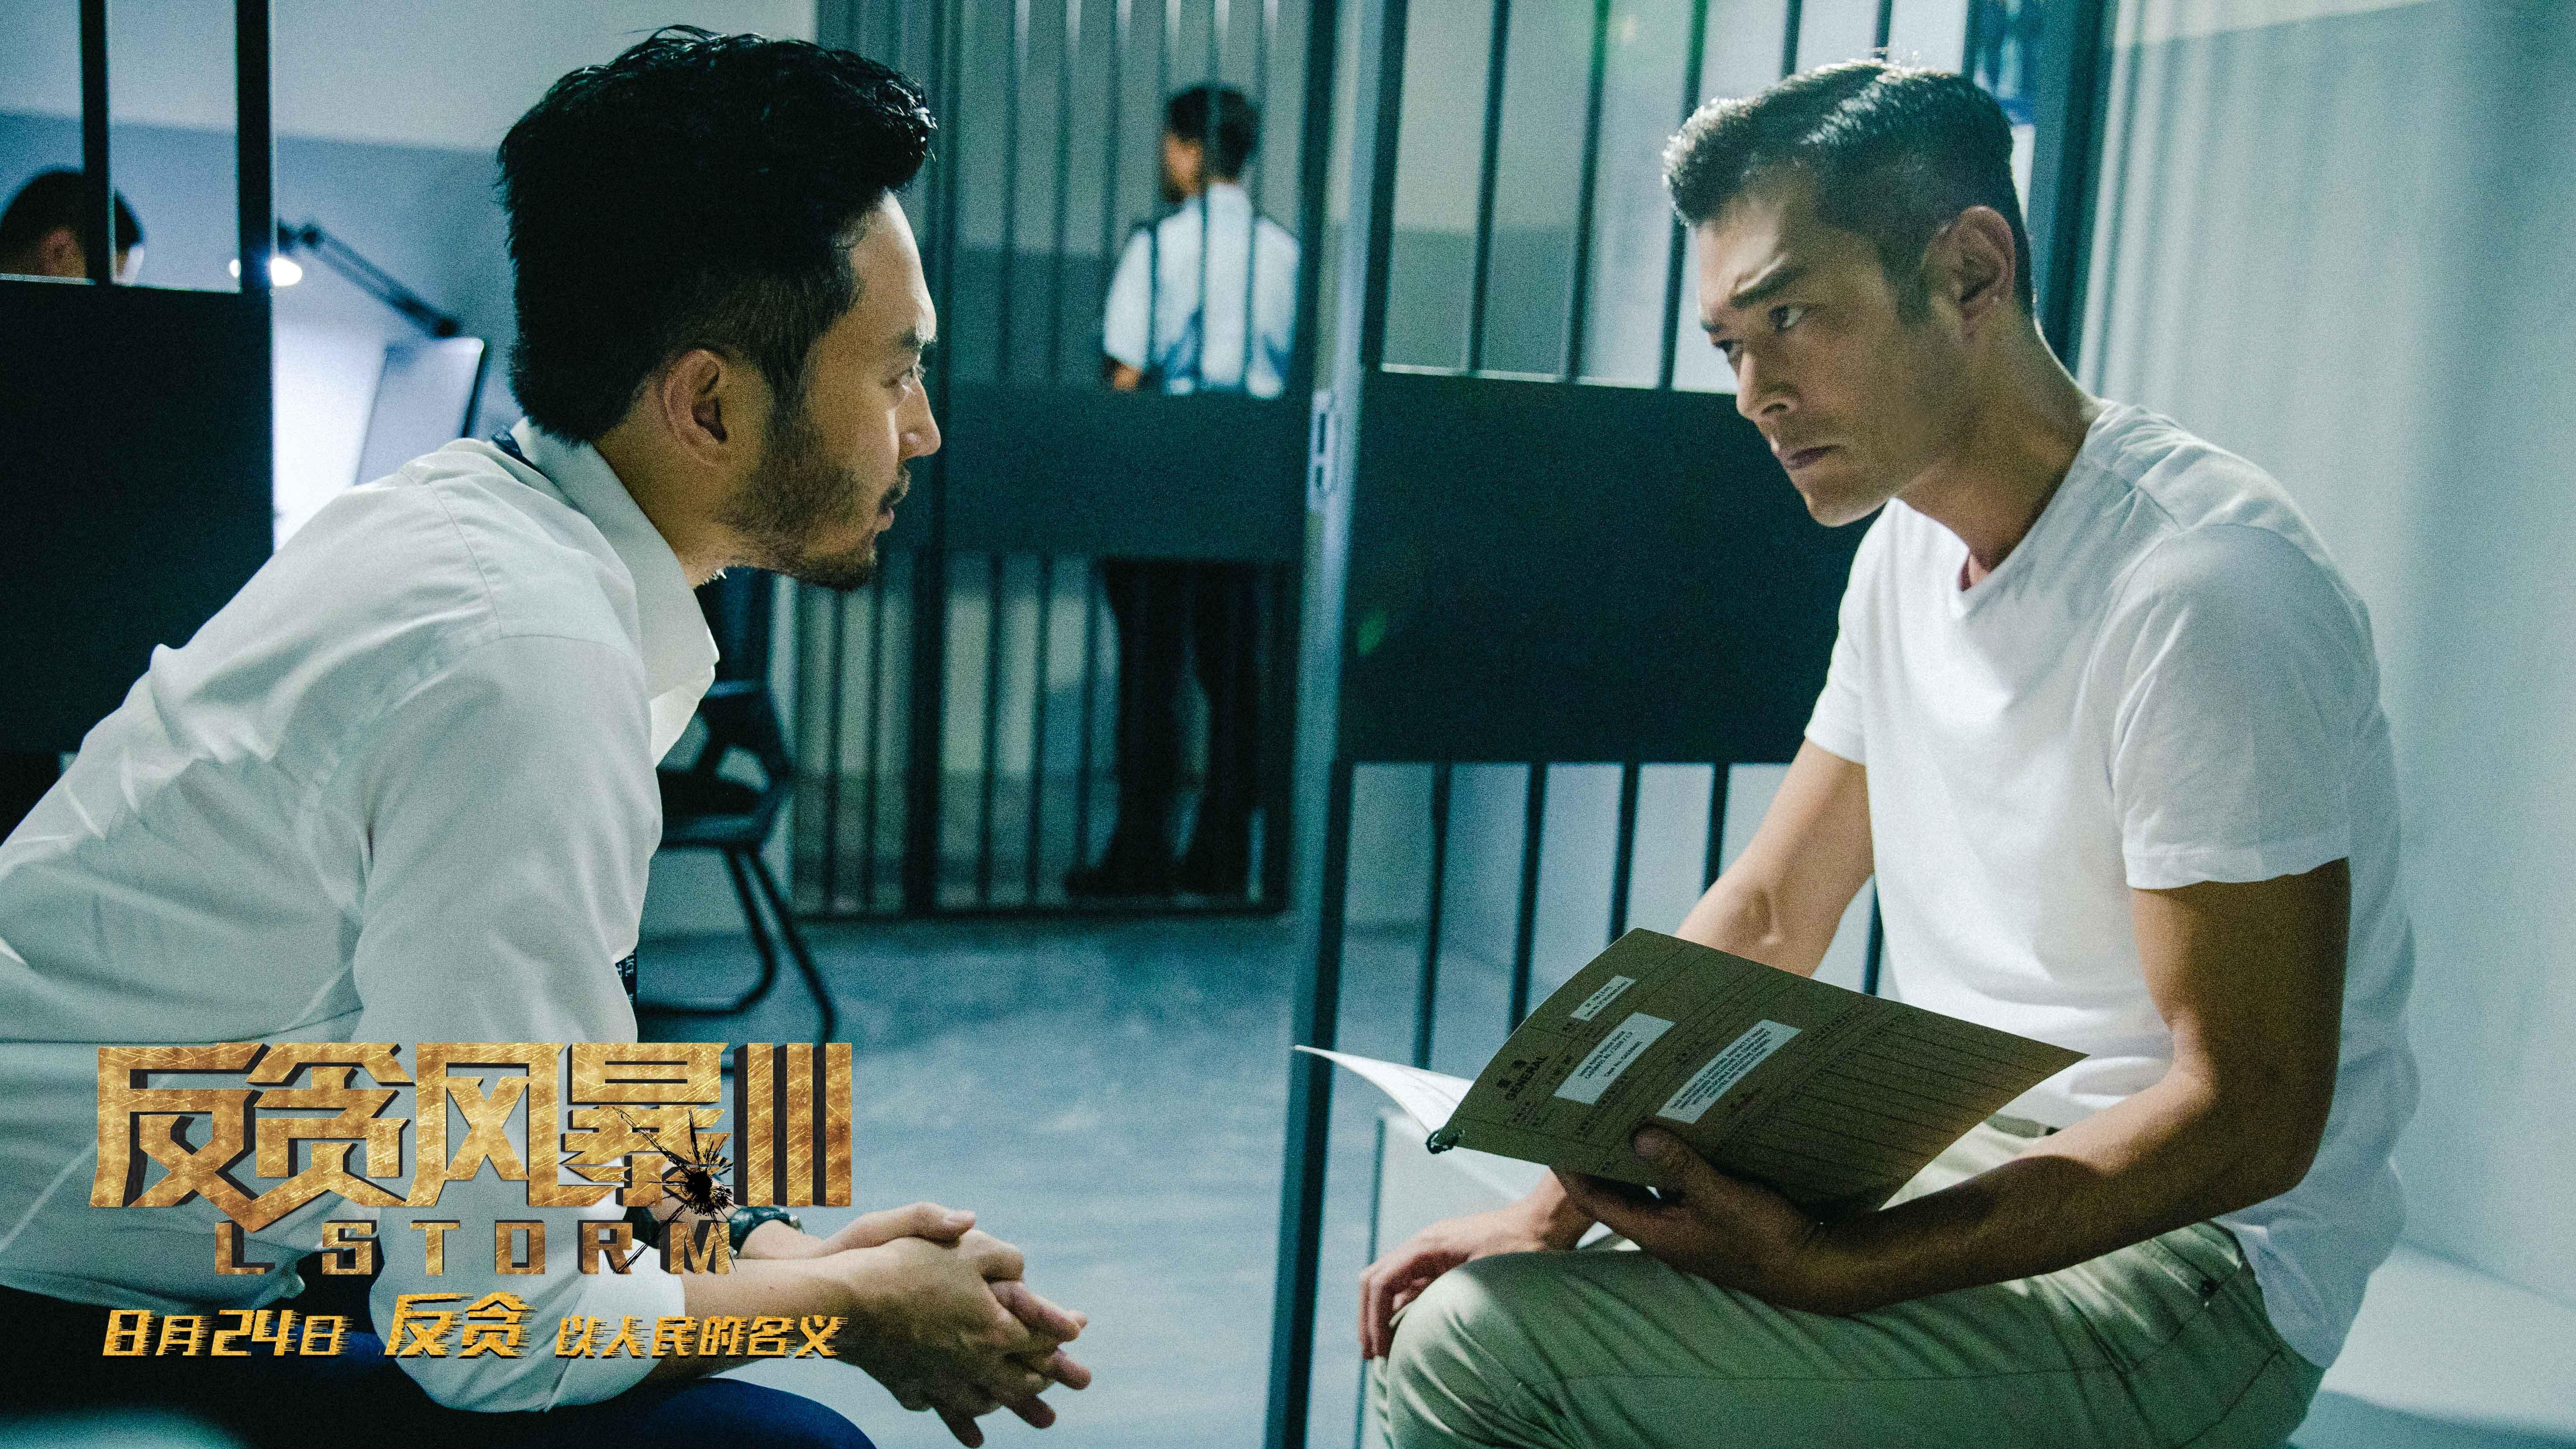 《反贪风暴3》曝新照 古天乐张智霖追查